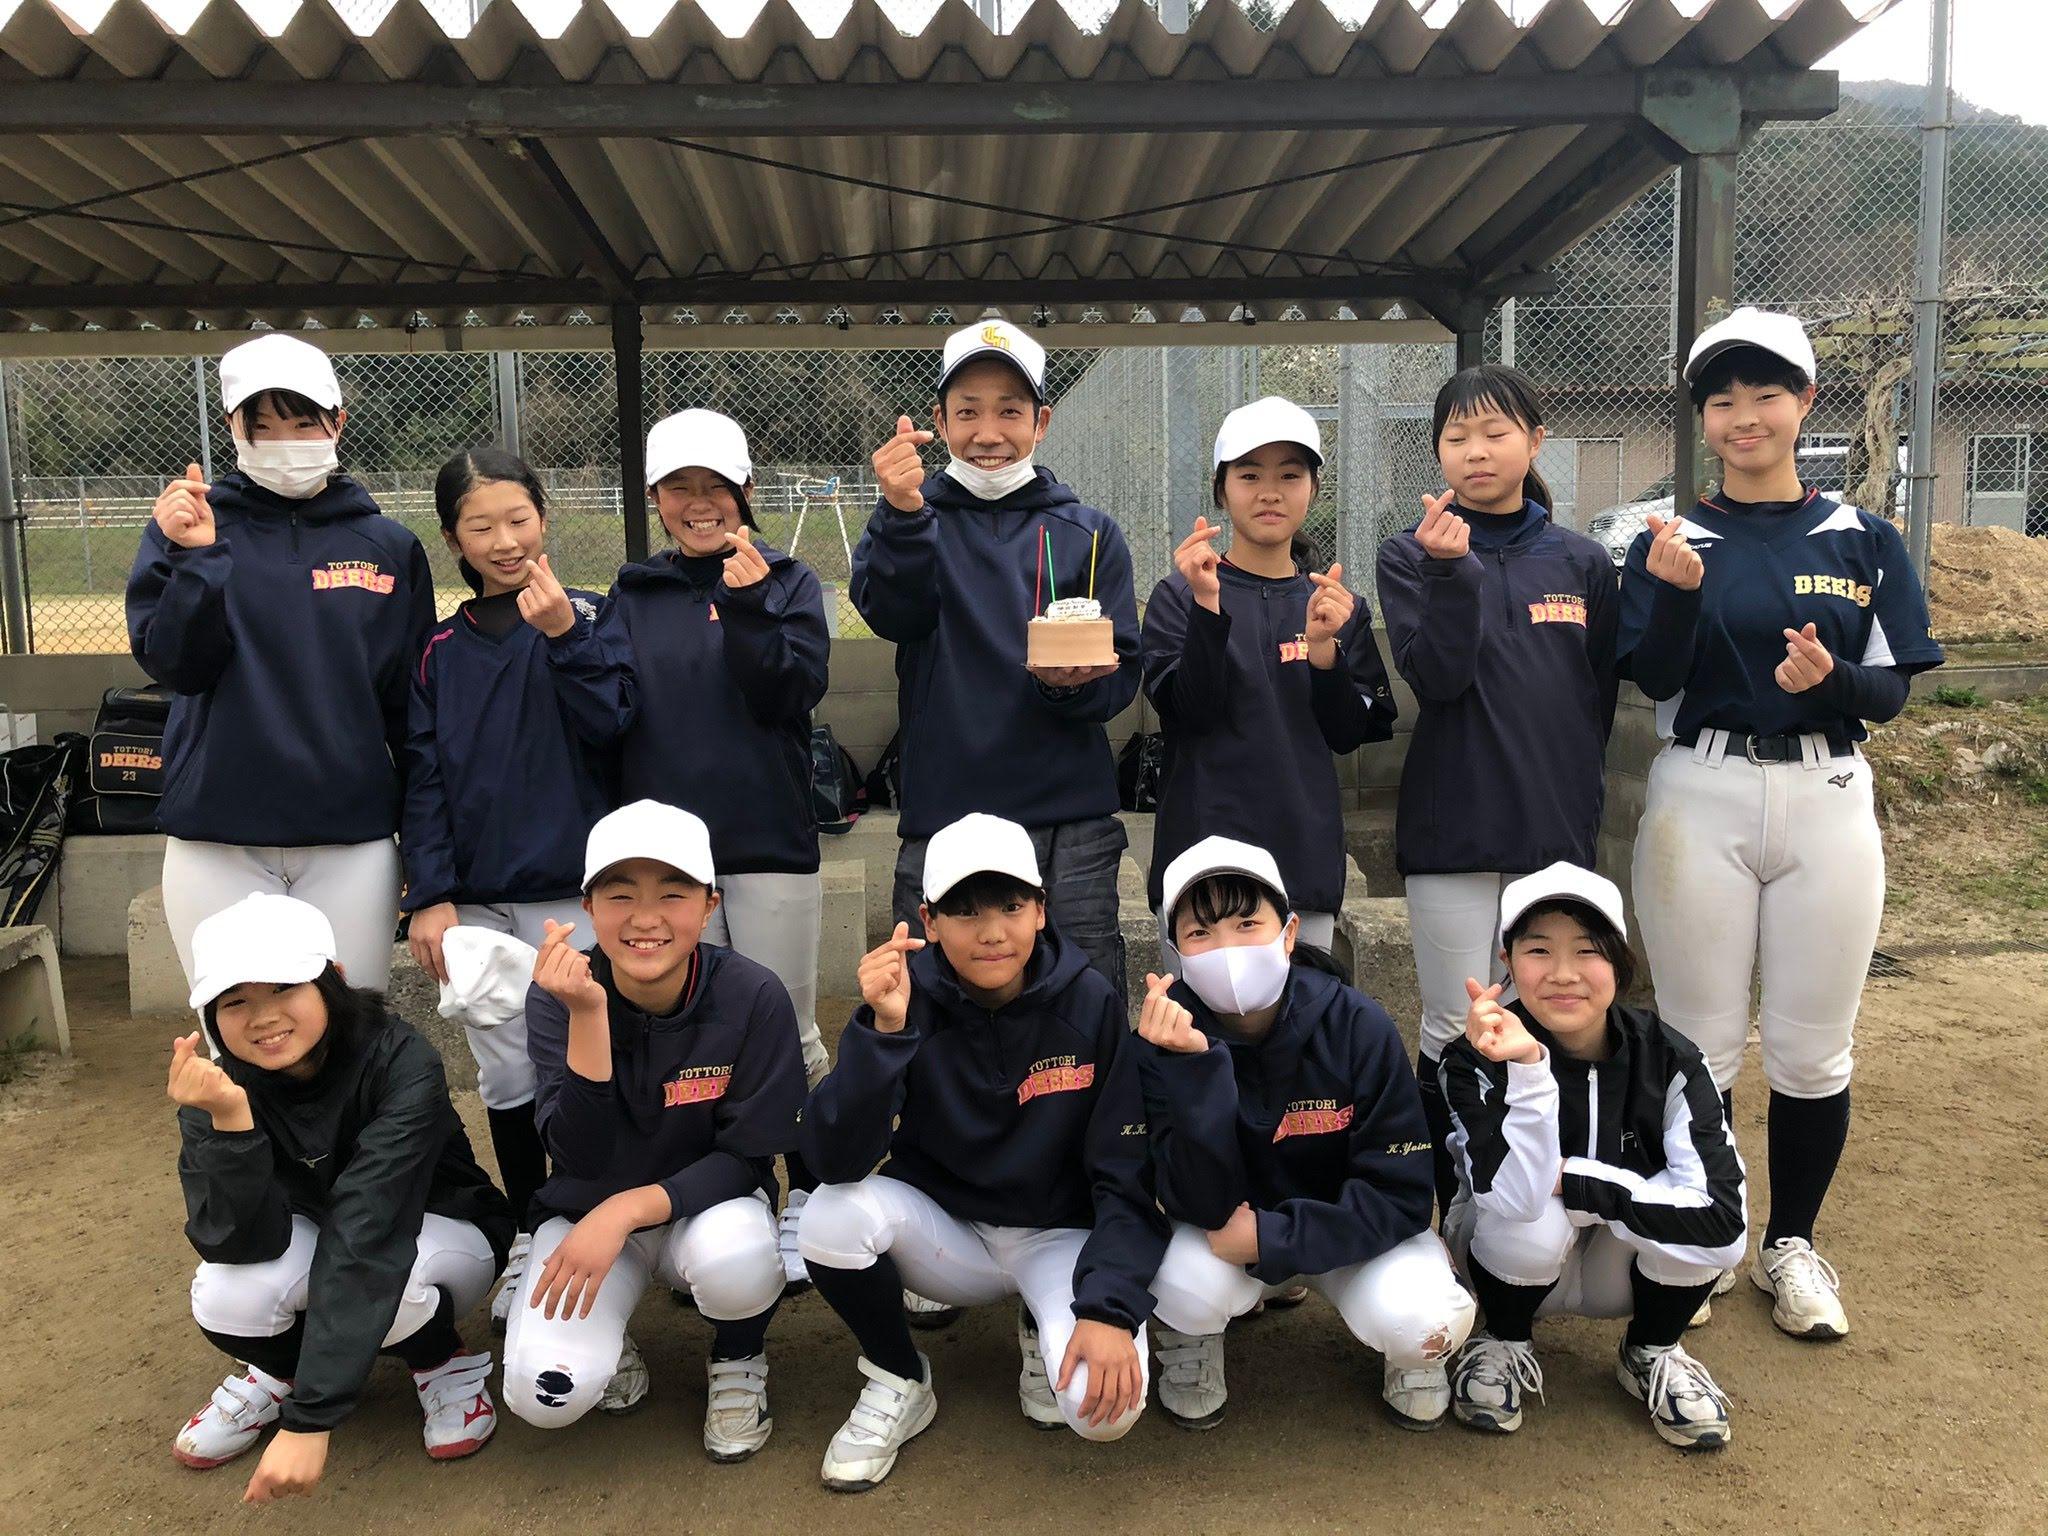 鳥取ディアーズの監督がメンバーと一緒に写ってメッセージを送っている画像